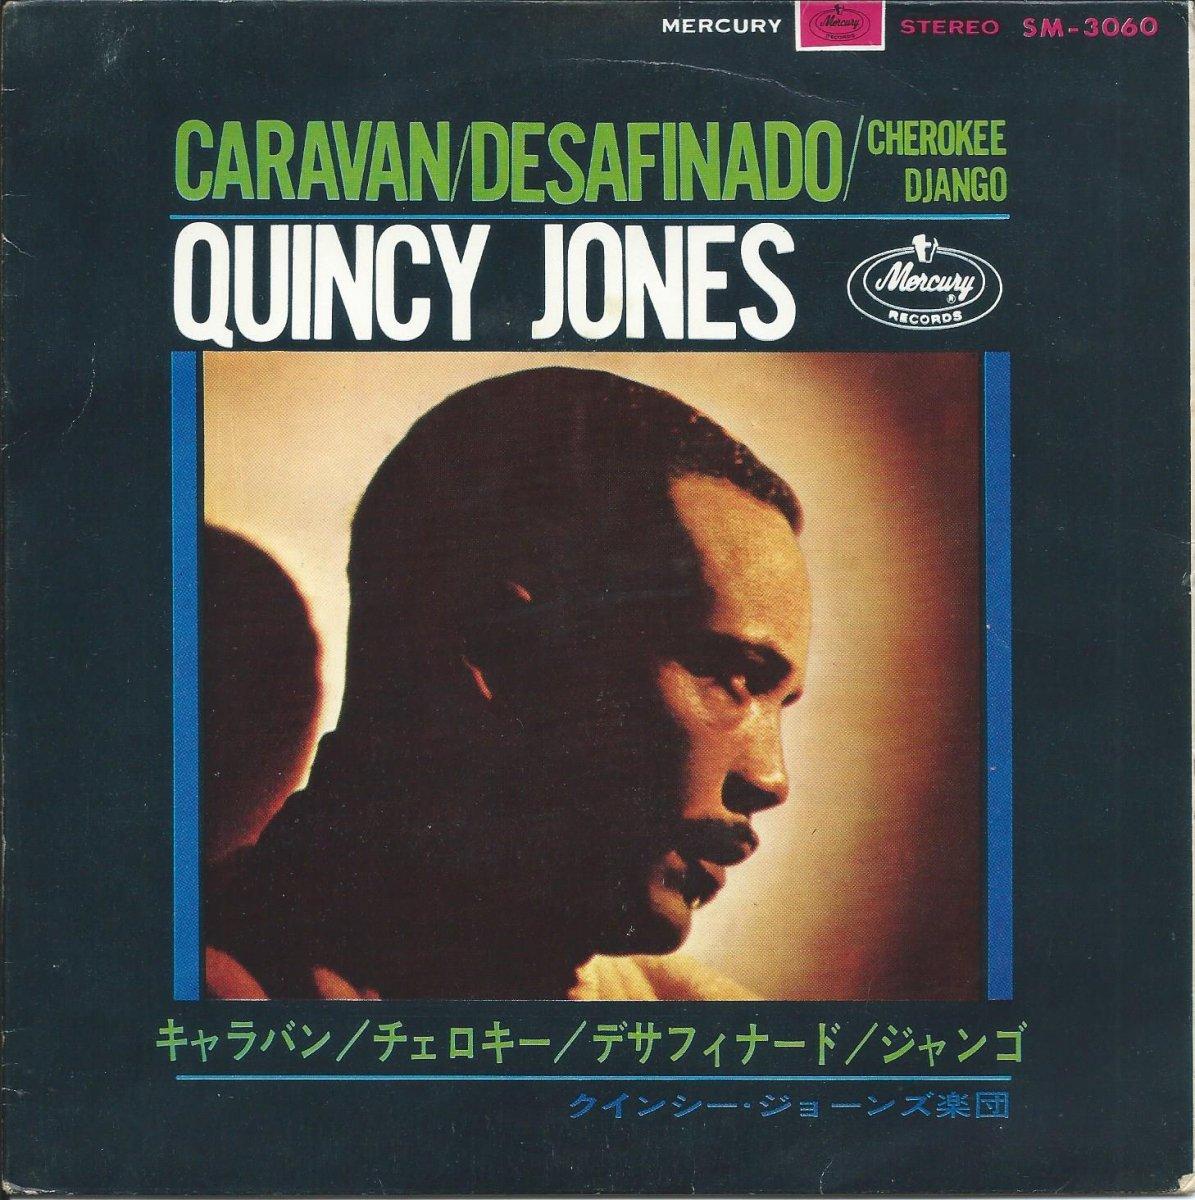 クインシー・ジョーンズ楽団 QUINCY JONES / キャラバン CARAVAN / デサフィナード DESAFINADO (7